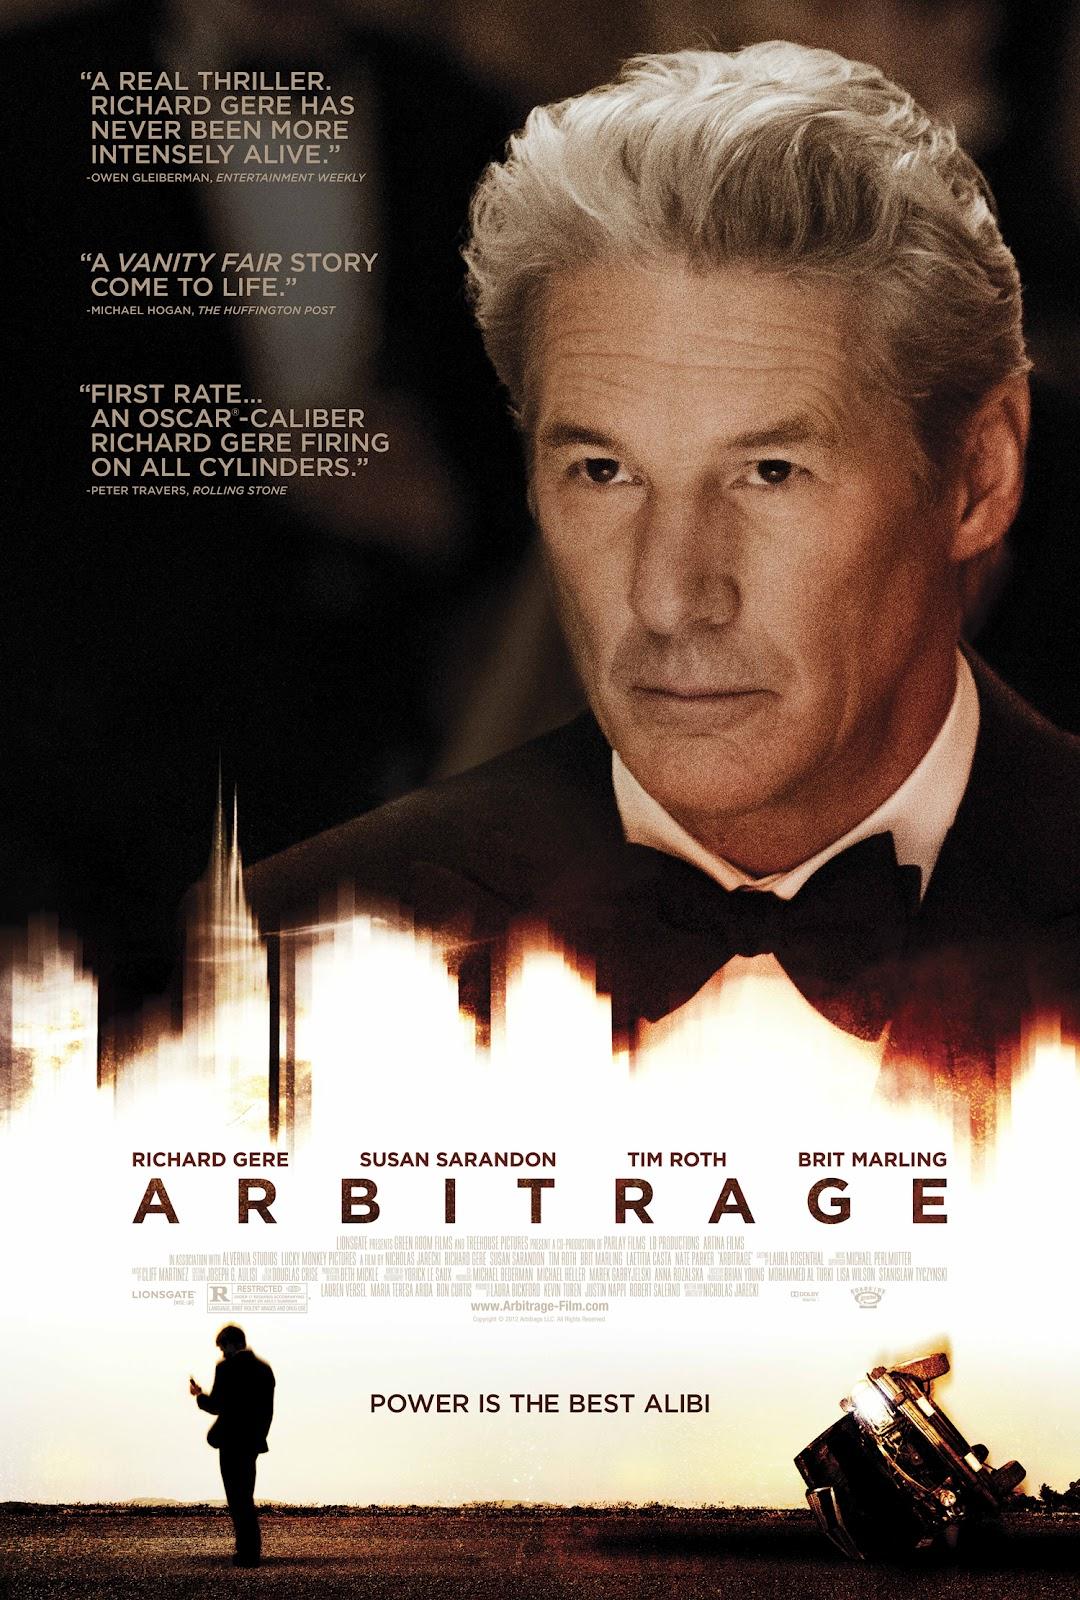 http://3.bp.blogspot.com/-69br1aBSTQQ/UCDlTfogbjI/AAAAAAAAA8g/RUUVY8jEuRU/s1600/Arbitrage-Poster-Richard-Gere-Movie.jpg